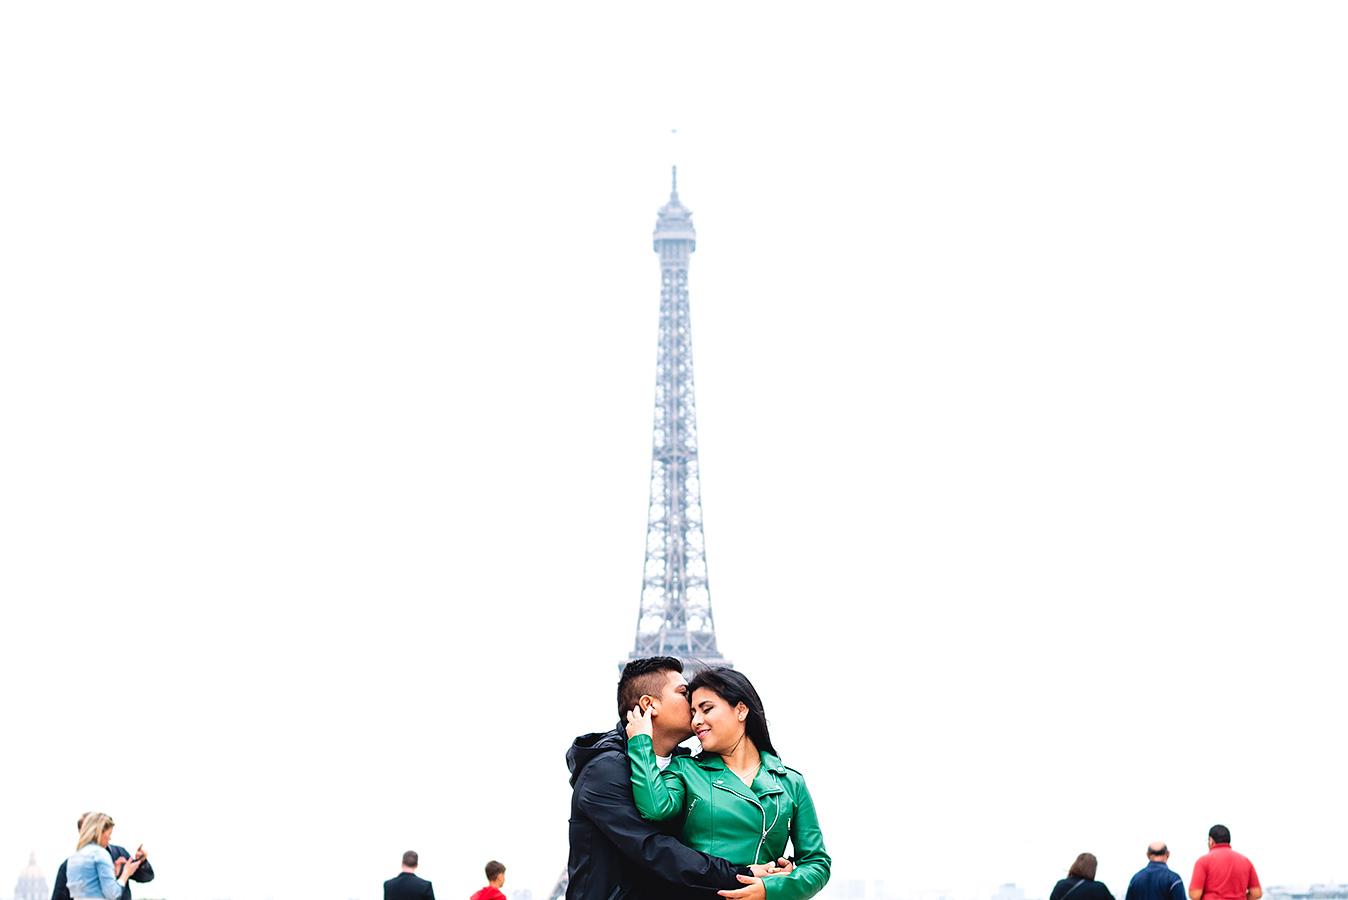 Fotografía de boda de un beso del novio en la frente de la novia con la torre Eiffel de fondo